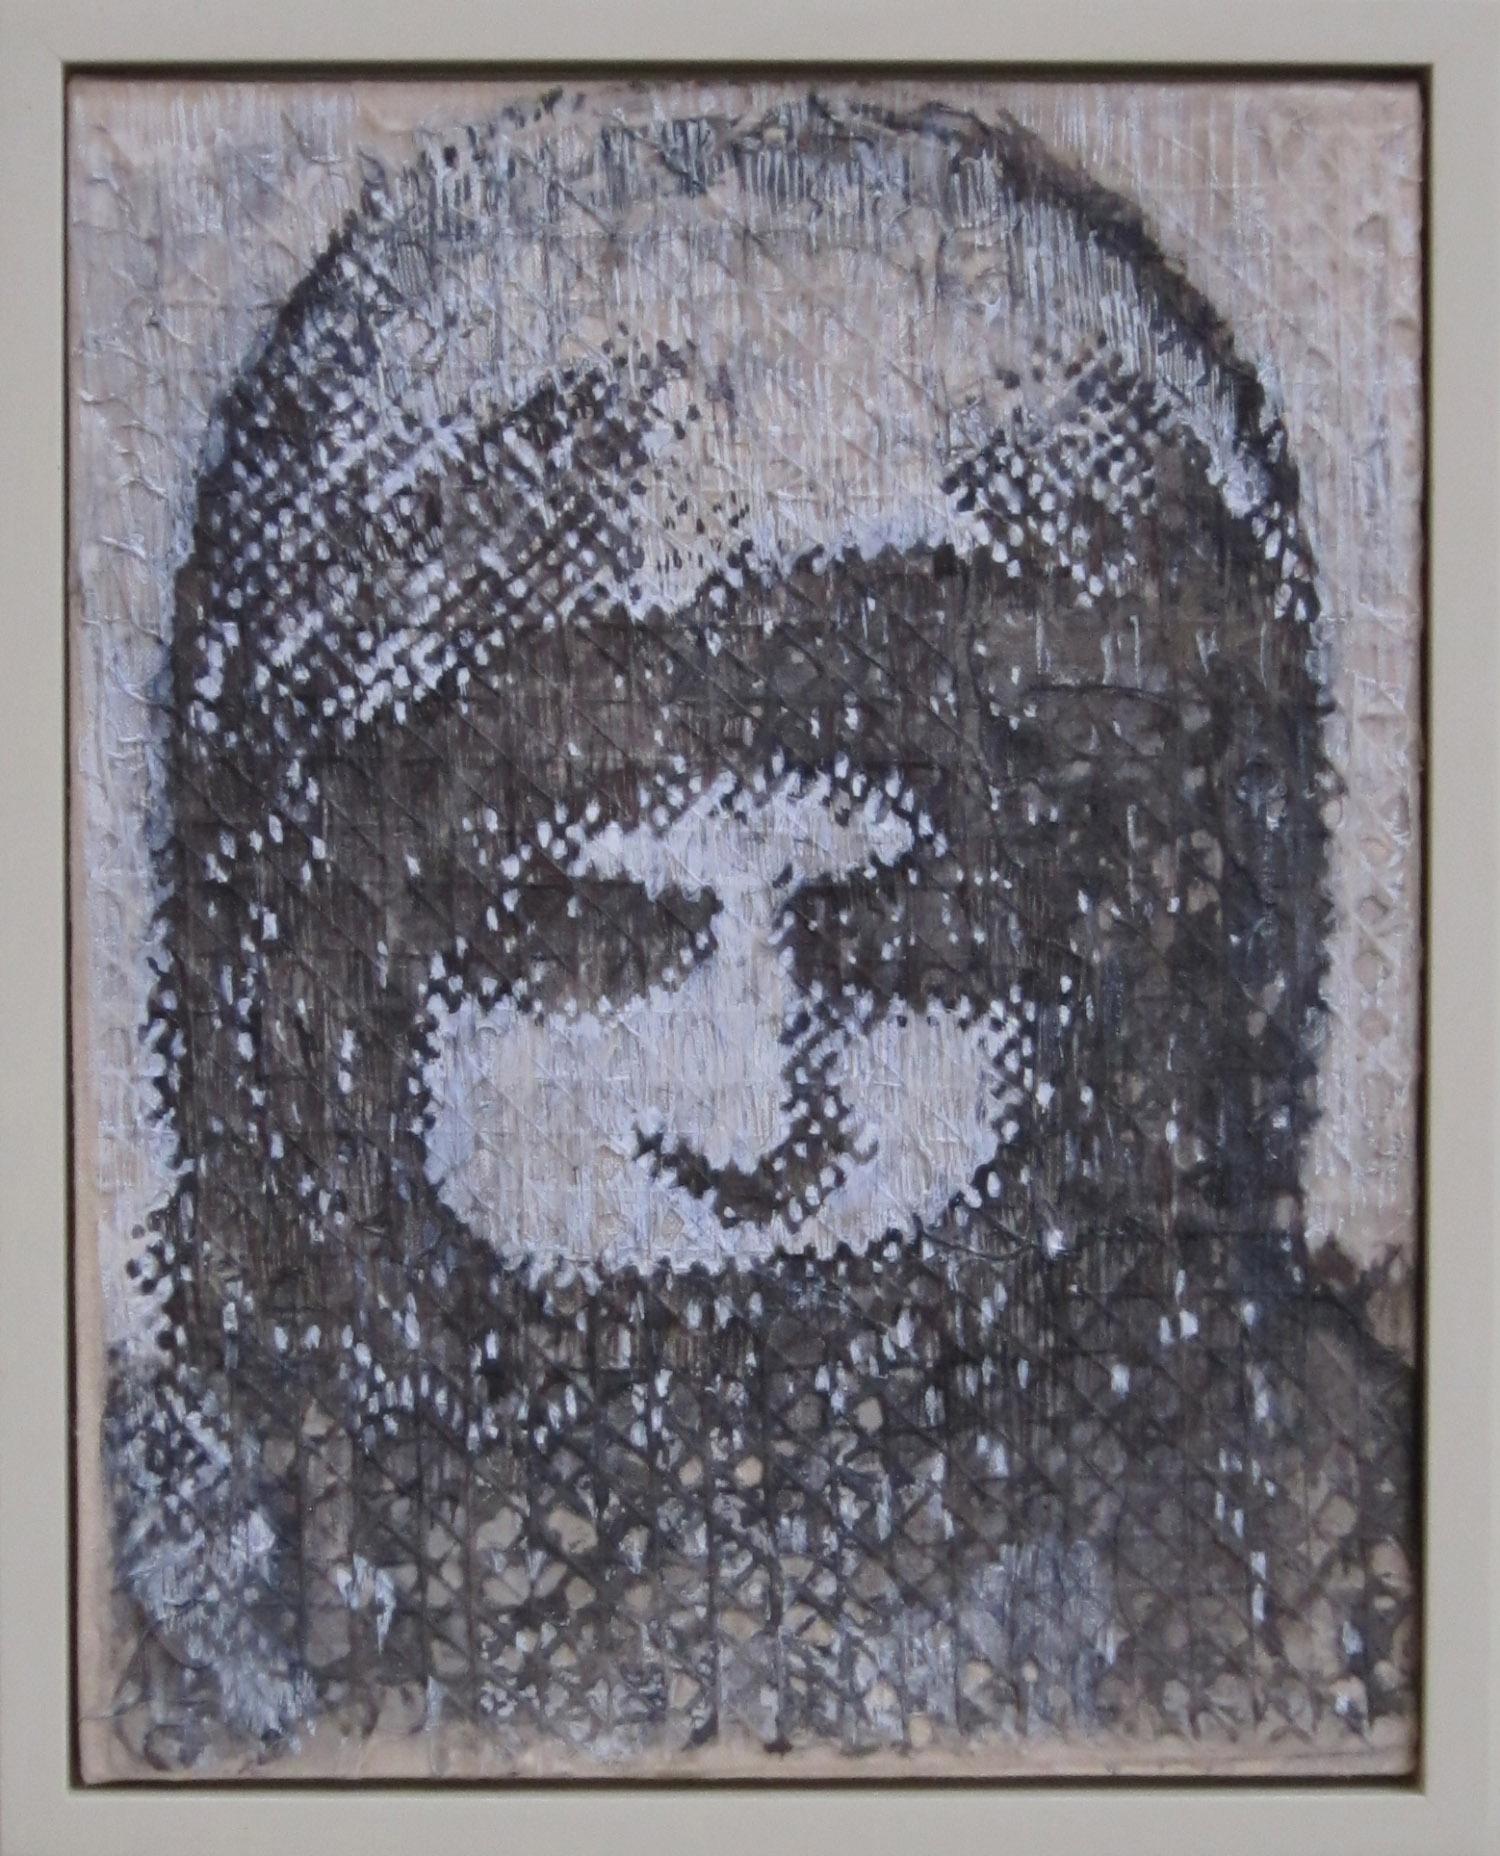 5bk(0) - Orphan Girl, inks on handmade paper over canvas, 14x11 in. 2010.jpg